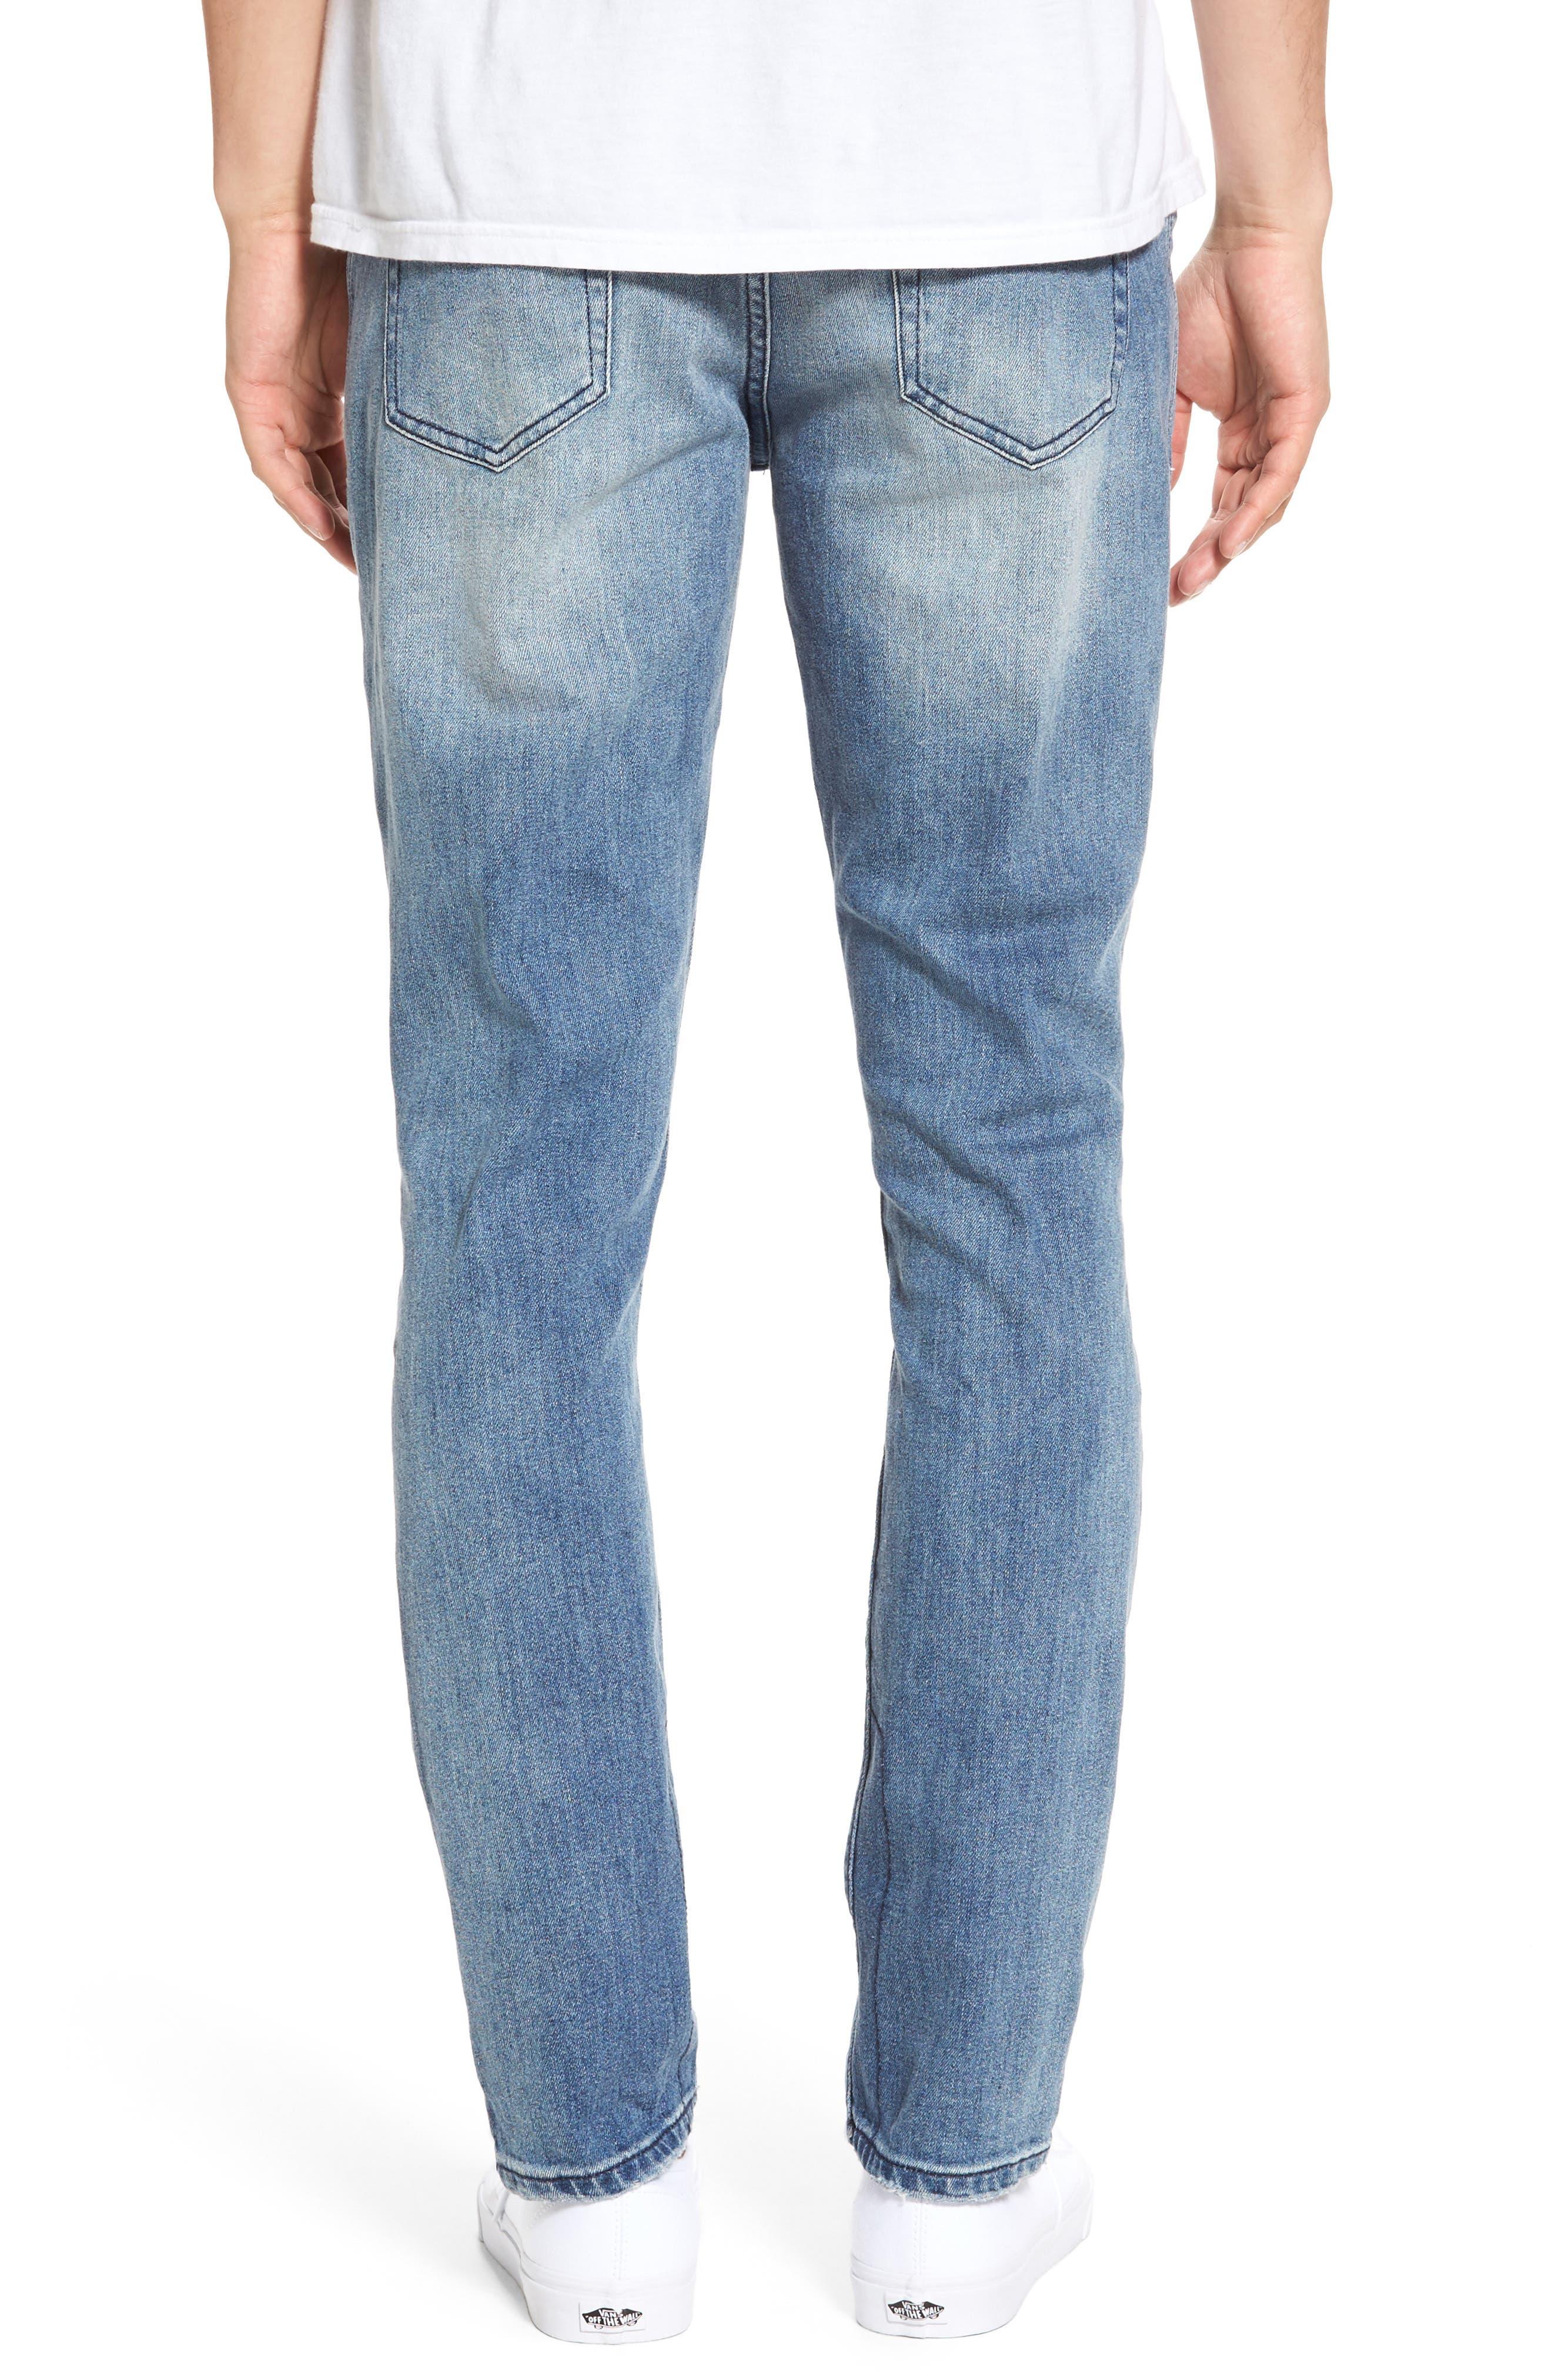 B.Line Slim Fit Jeans,                             Alternate thumbnail 2, color,                             Blow Out Stonewash